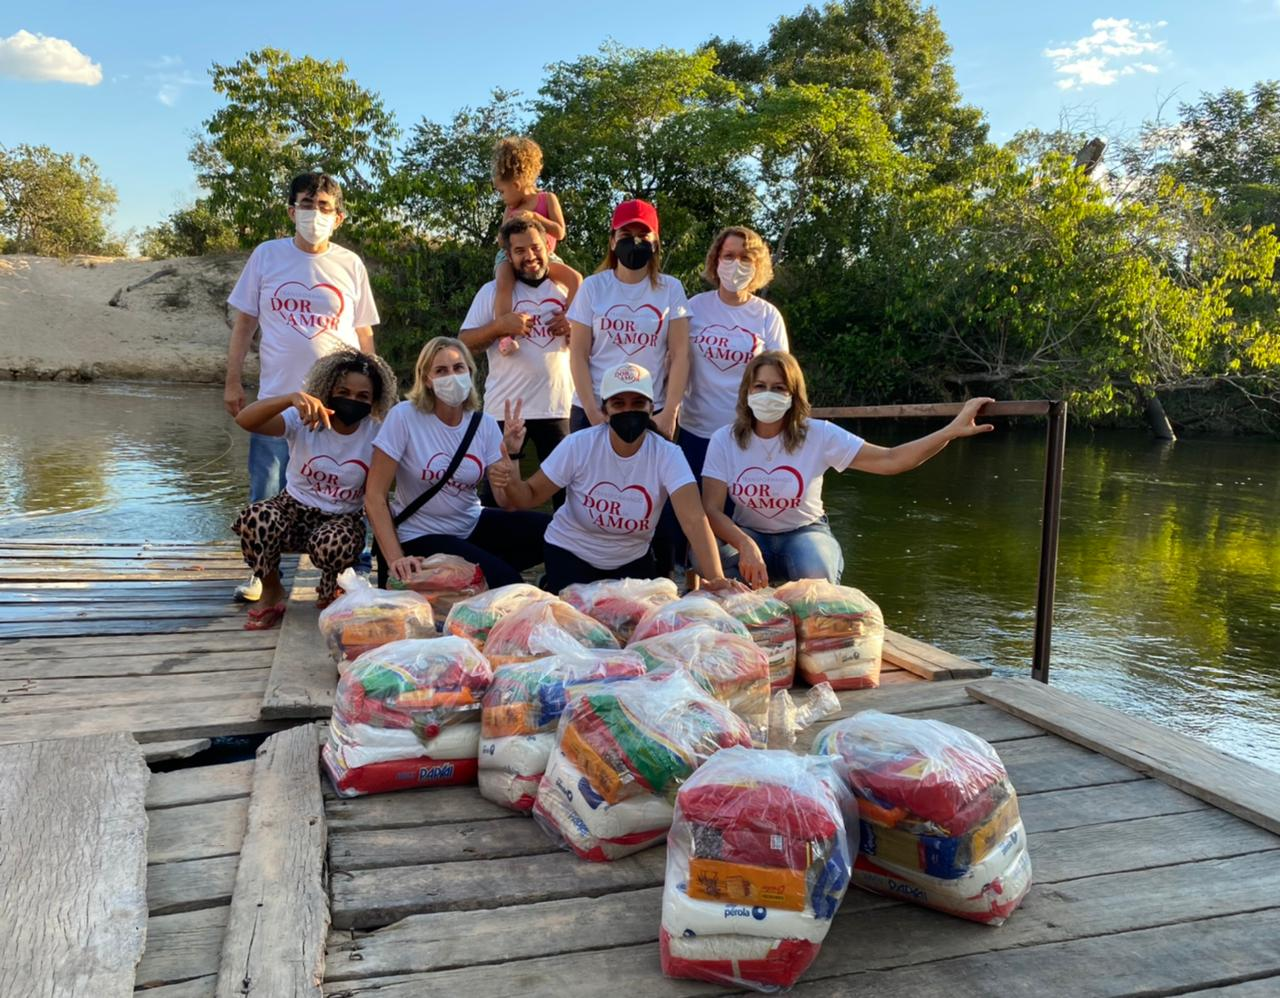 Projeto Transformando dor em amor promove ação social no Jalapão neste sábado e domingo